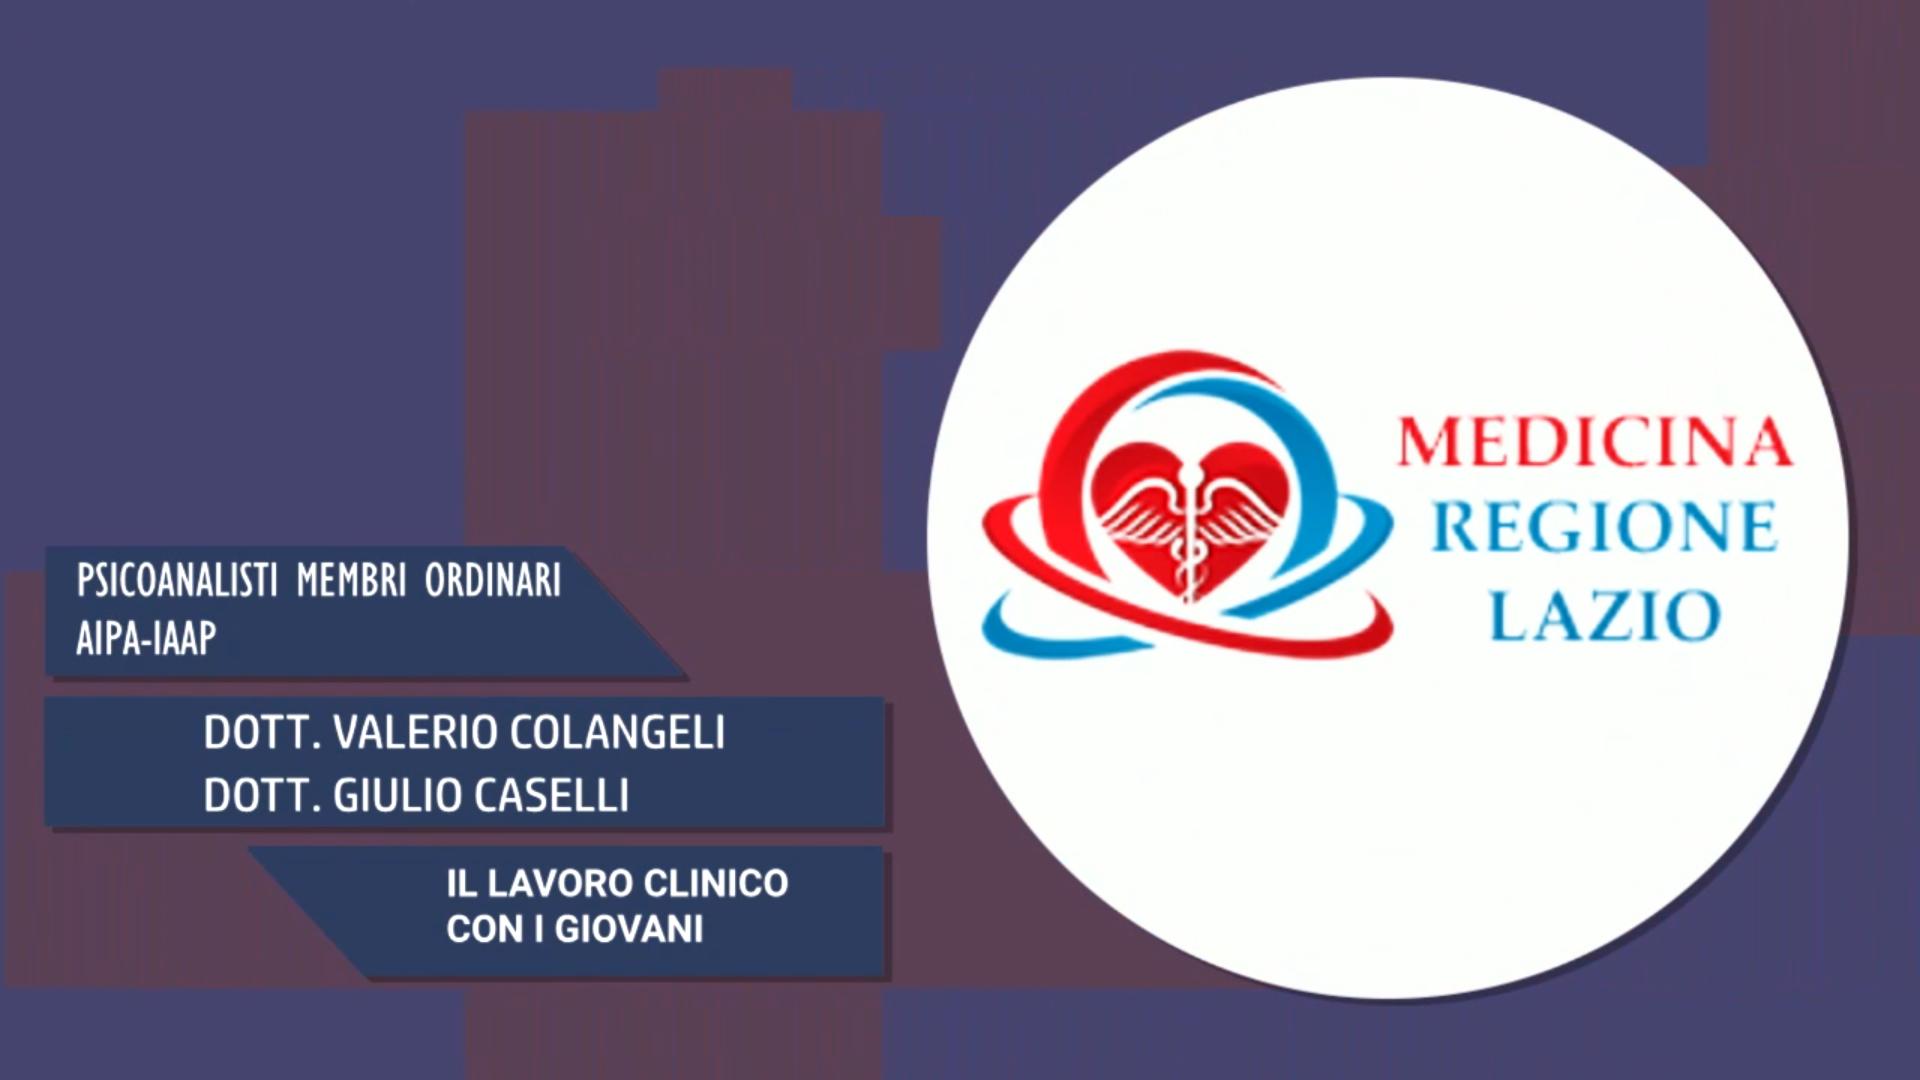 Intervista al Dott. Valerio Colangeli & Giulio Caselli – Il lavoro clinico con i giovani